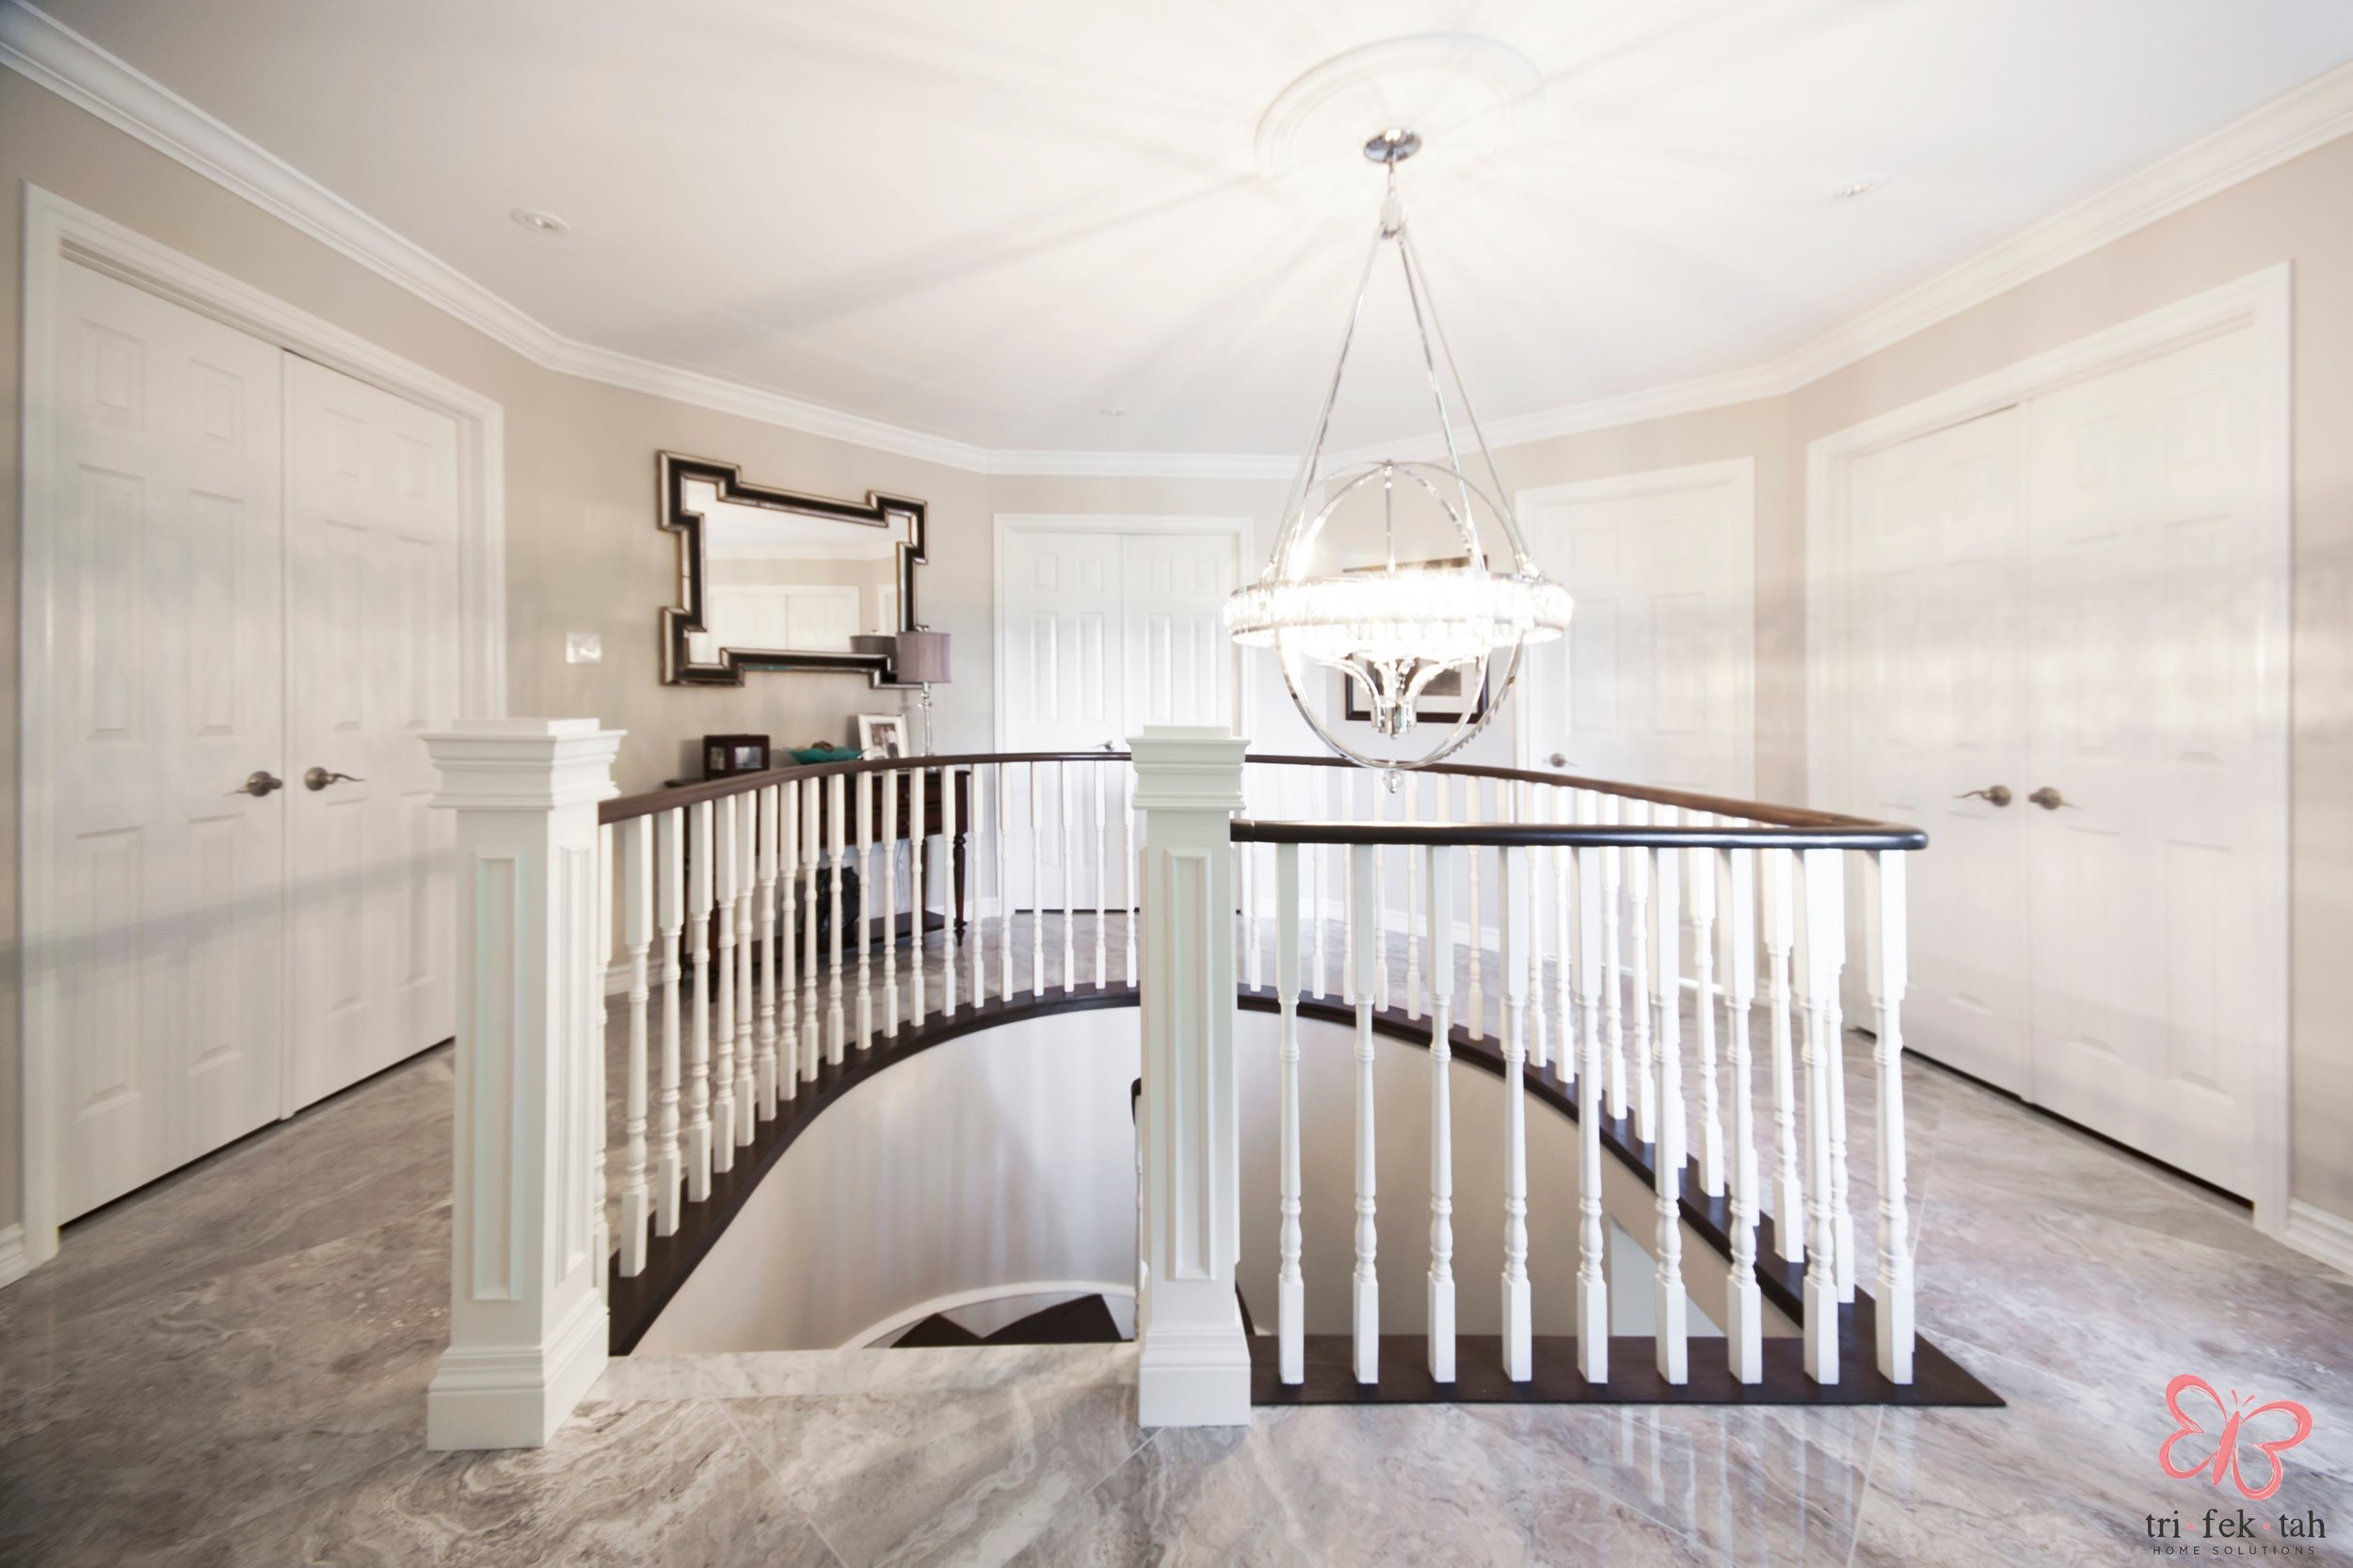 Hemmingway-stairs2.jpg